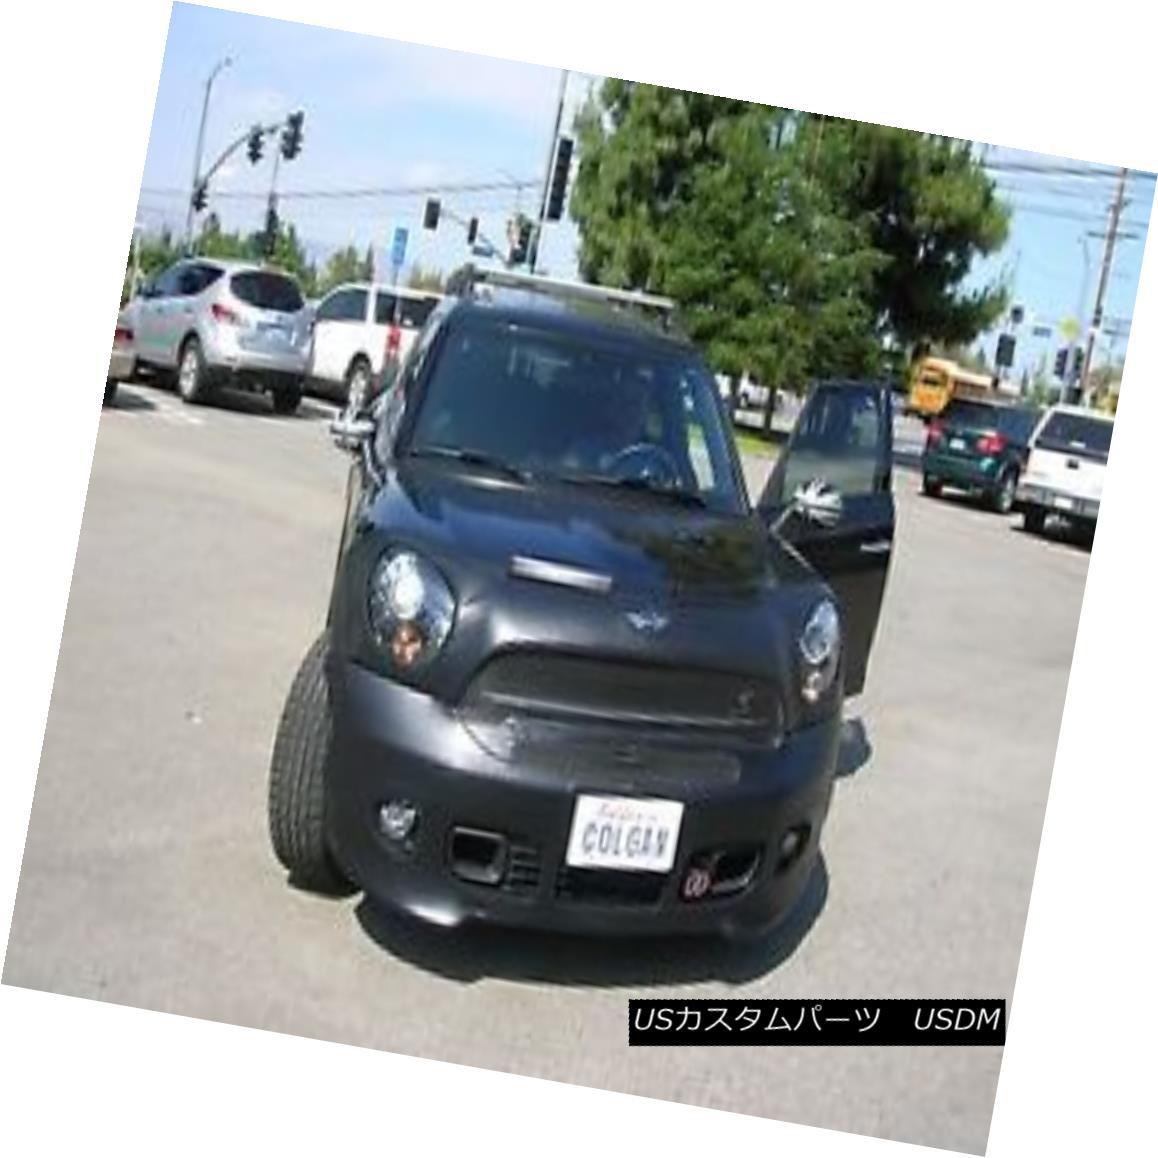 フルブラ ノーズブラ Colgan Front End Mask Bra 2pc. Fits 13-16 MINI Cooper Countryman JCW W/O License コルガンフロントエンドマスクブラ2pc フィット13-16 MINI Cooper Countryman JCW W / Oライセンス